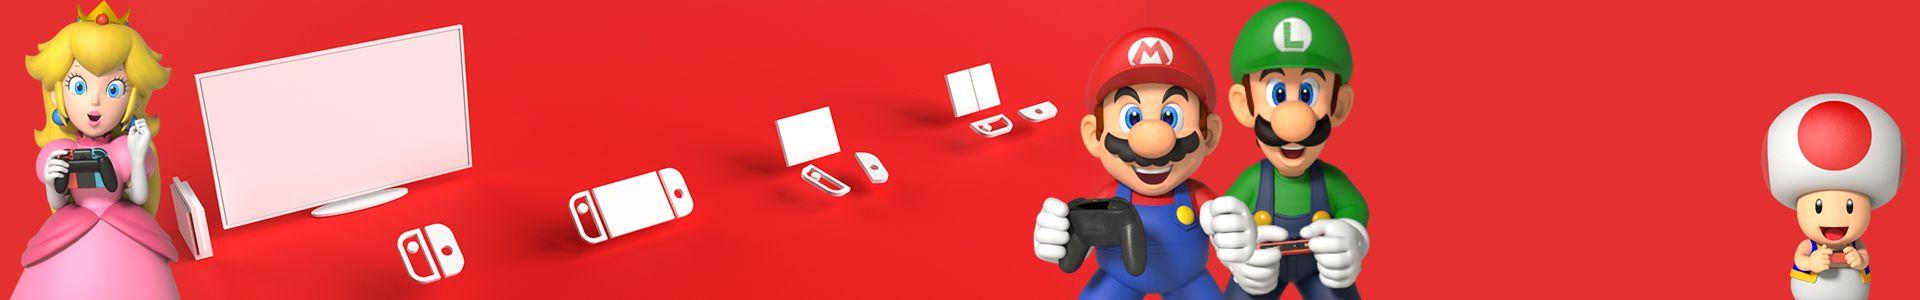 Nintendo Switch Online Gavekort